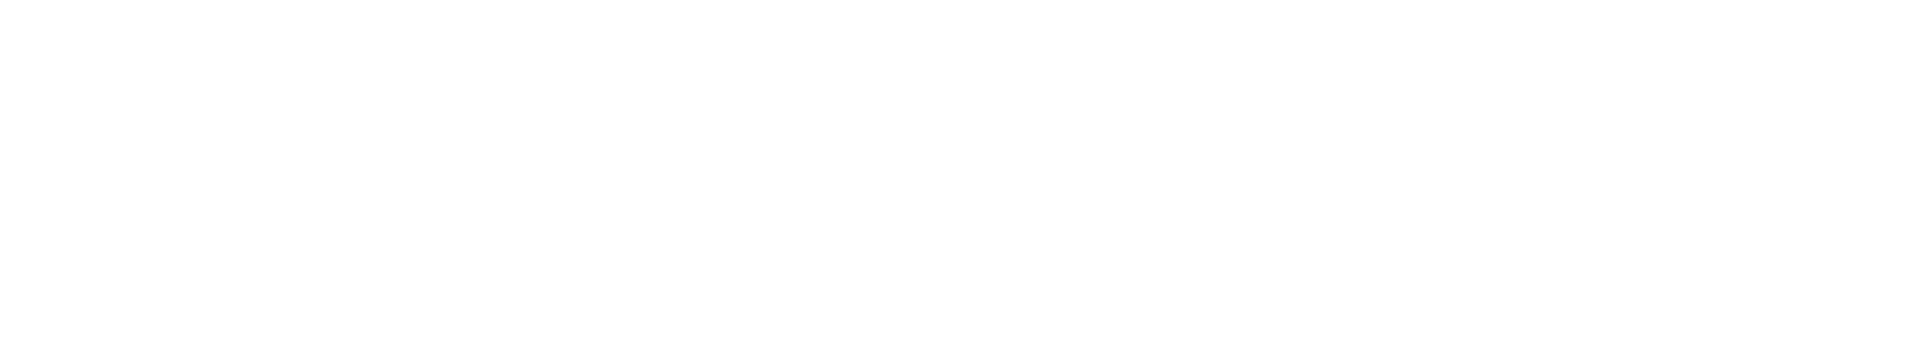 Divider_Schuin_Wit